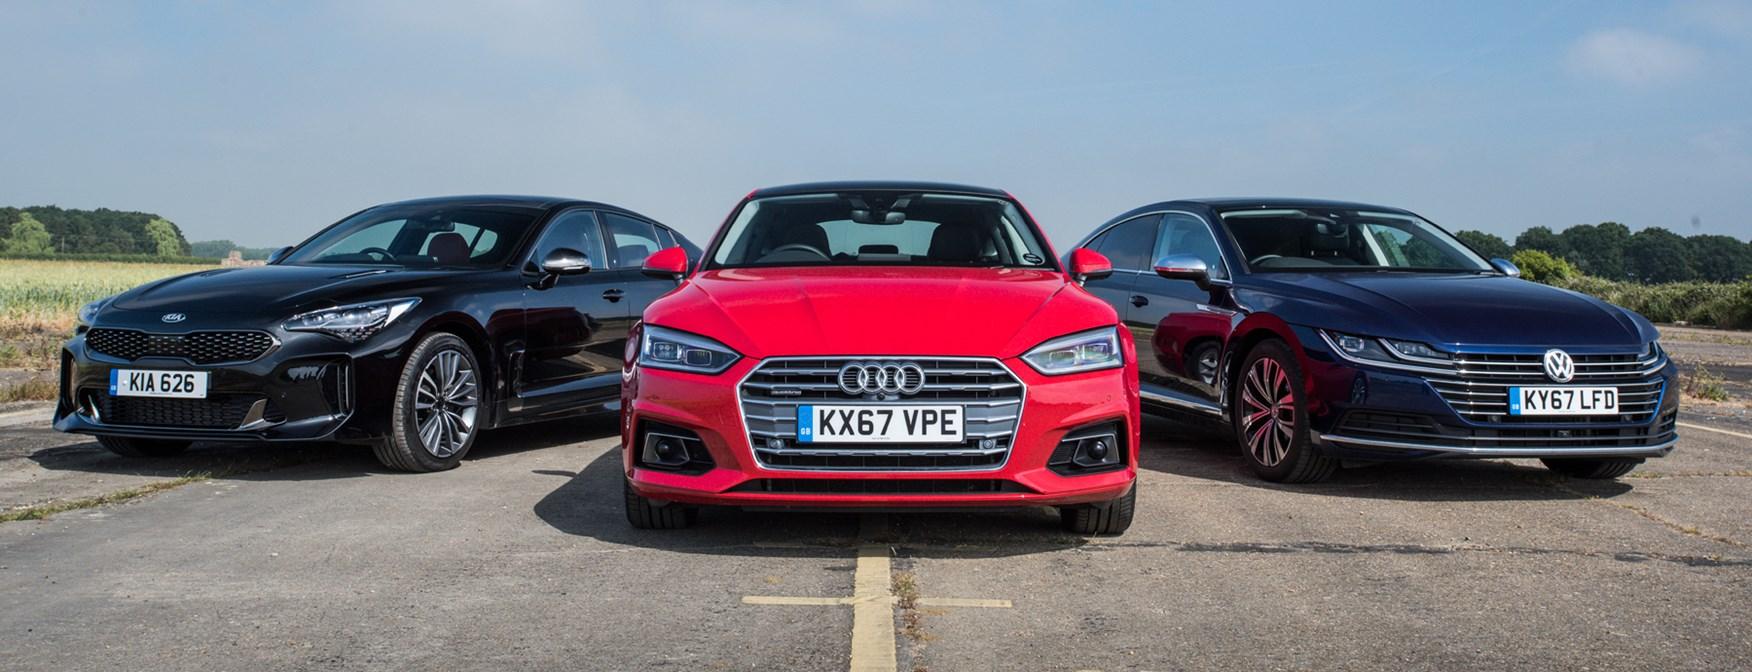 Kia Stinger vs Audi A5 Coupe vs VW Arteon